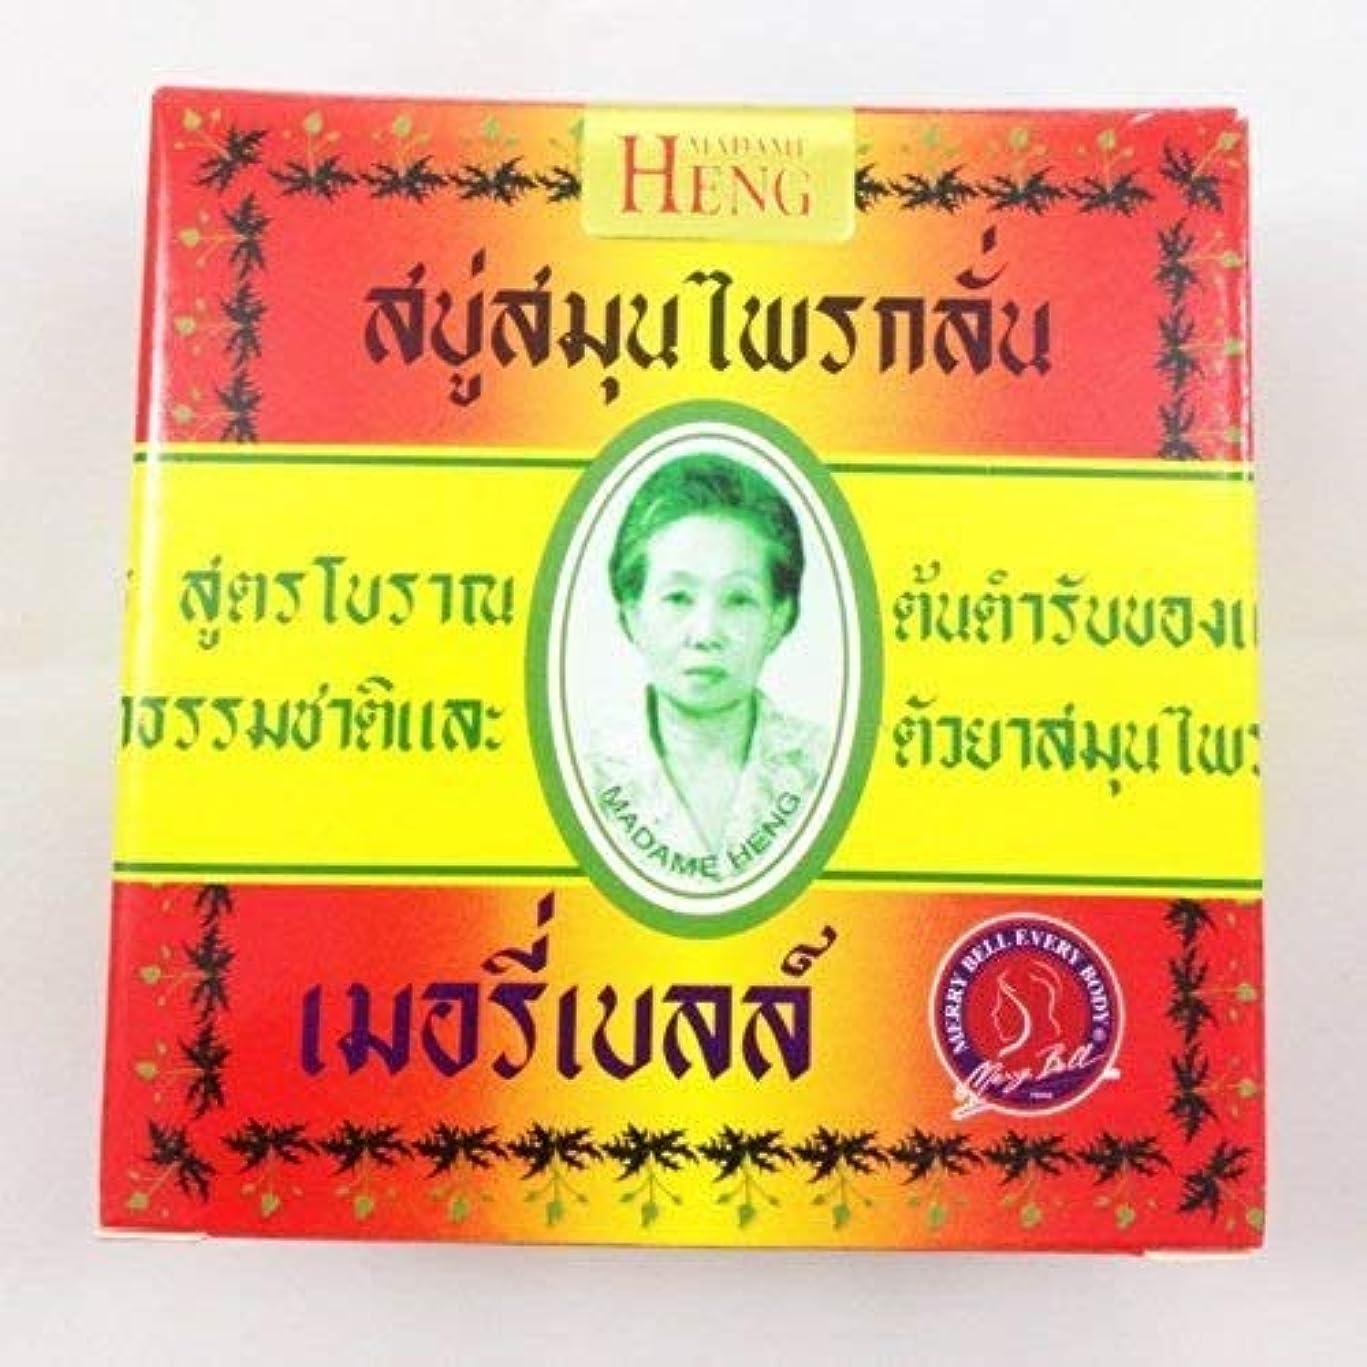 ジョグセメントプーノMadame Heng Thai Original Natural Herbal Soap Bar Made in Thailand 160gx2pcs by Ni Yom Thai shop